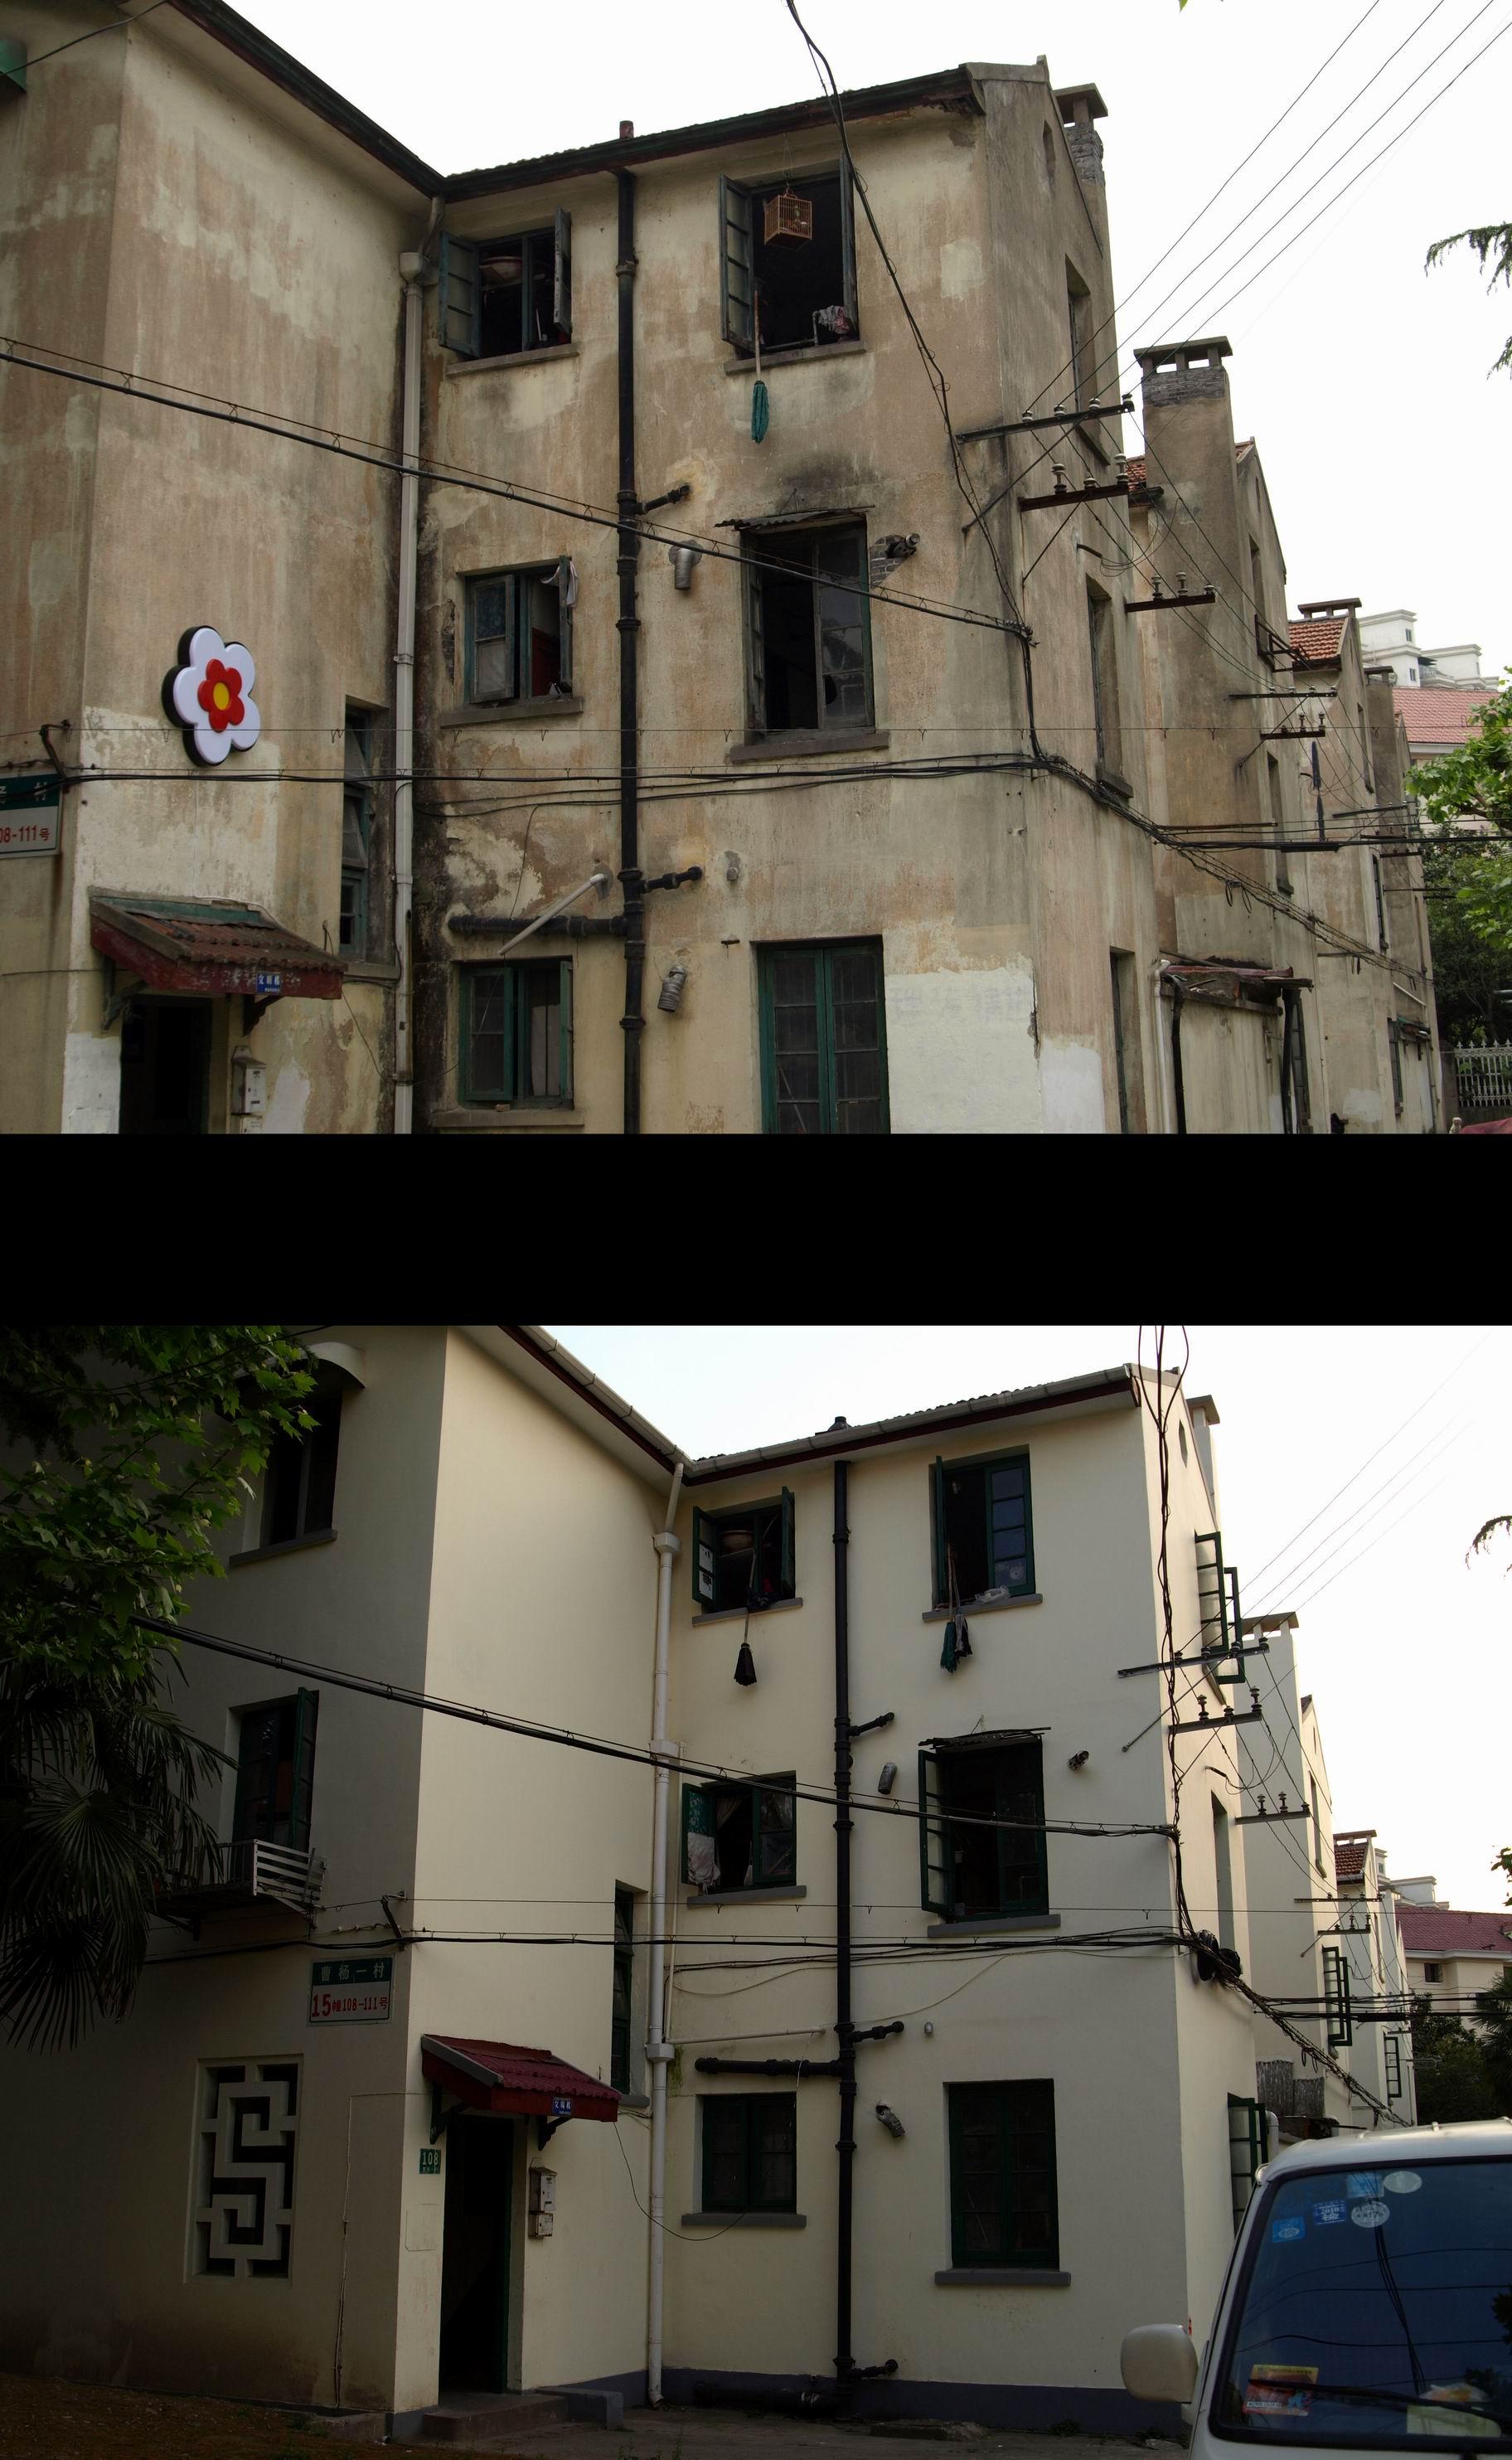 2009年,曹杨一村,小修小补已经不能满足当下的居住需求。 杨辰 供图